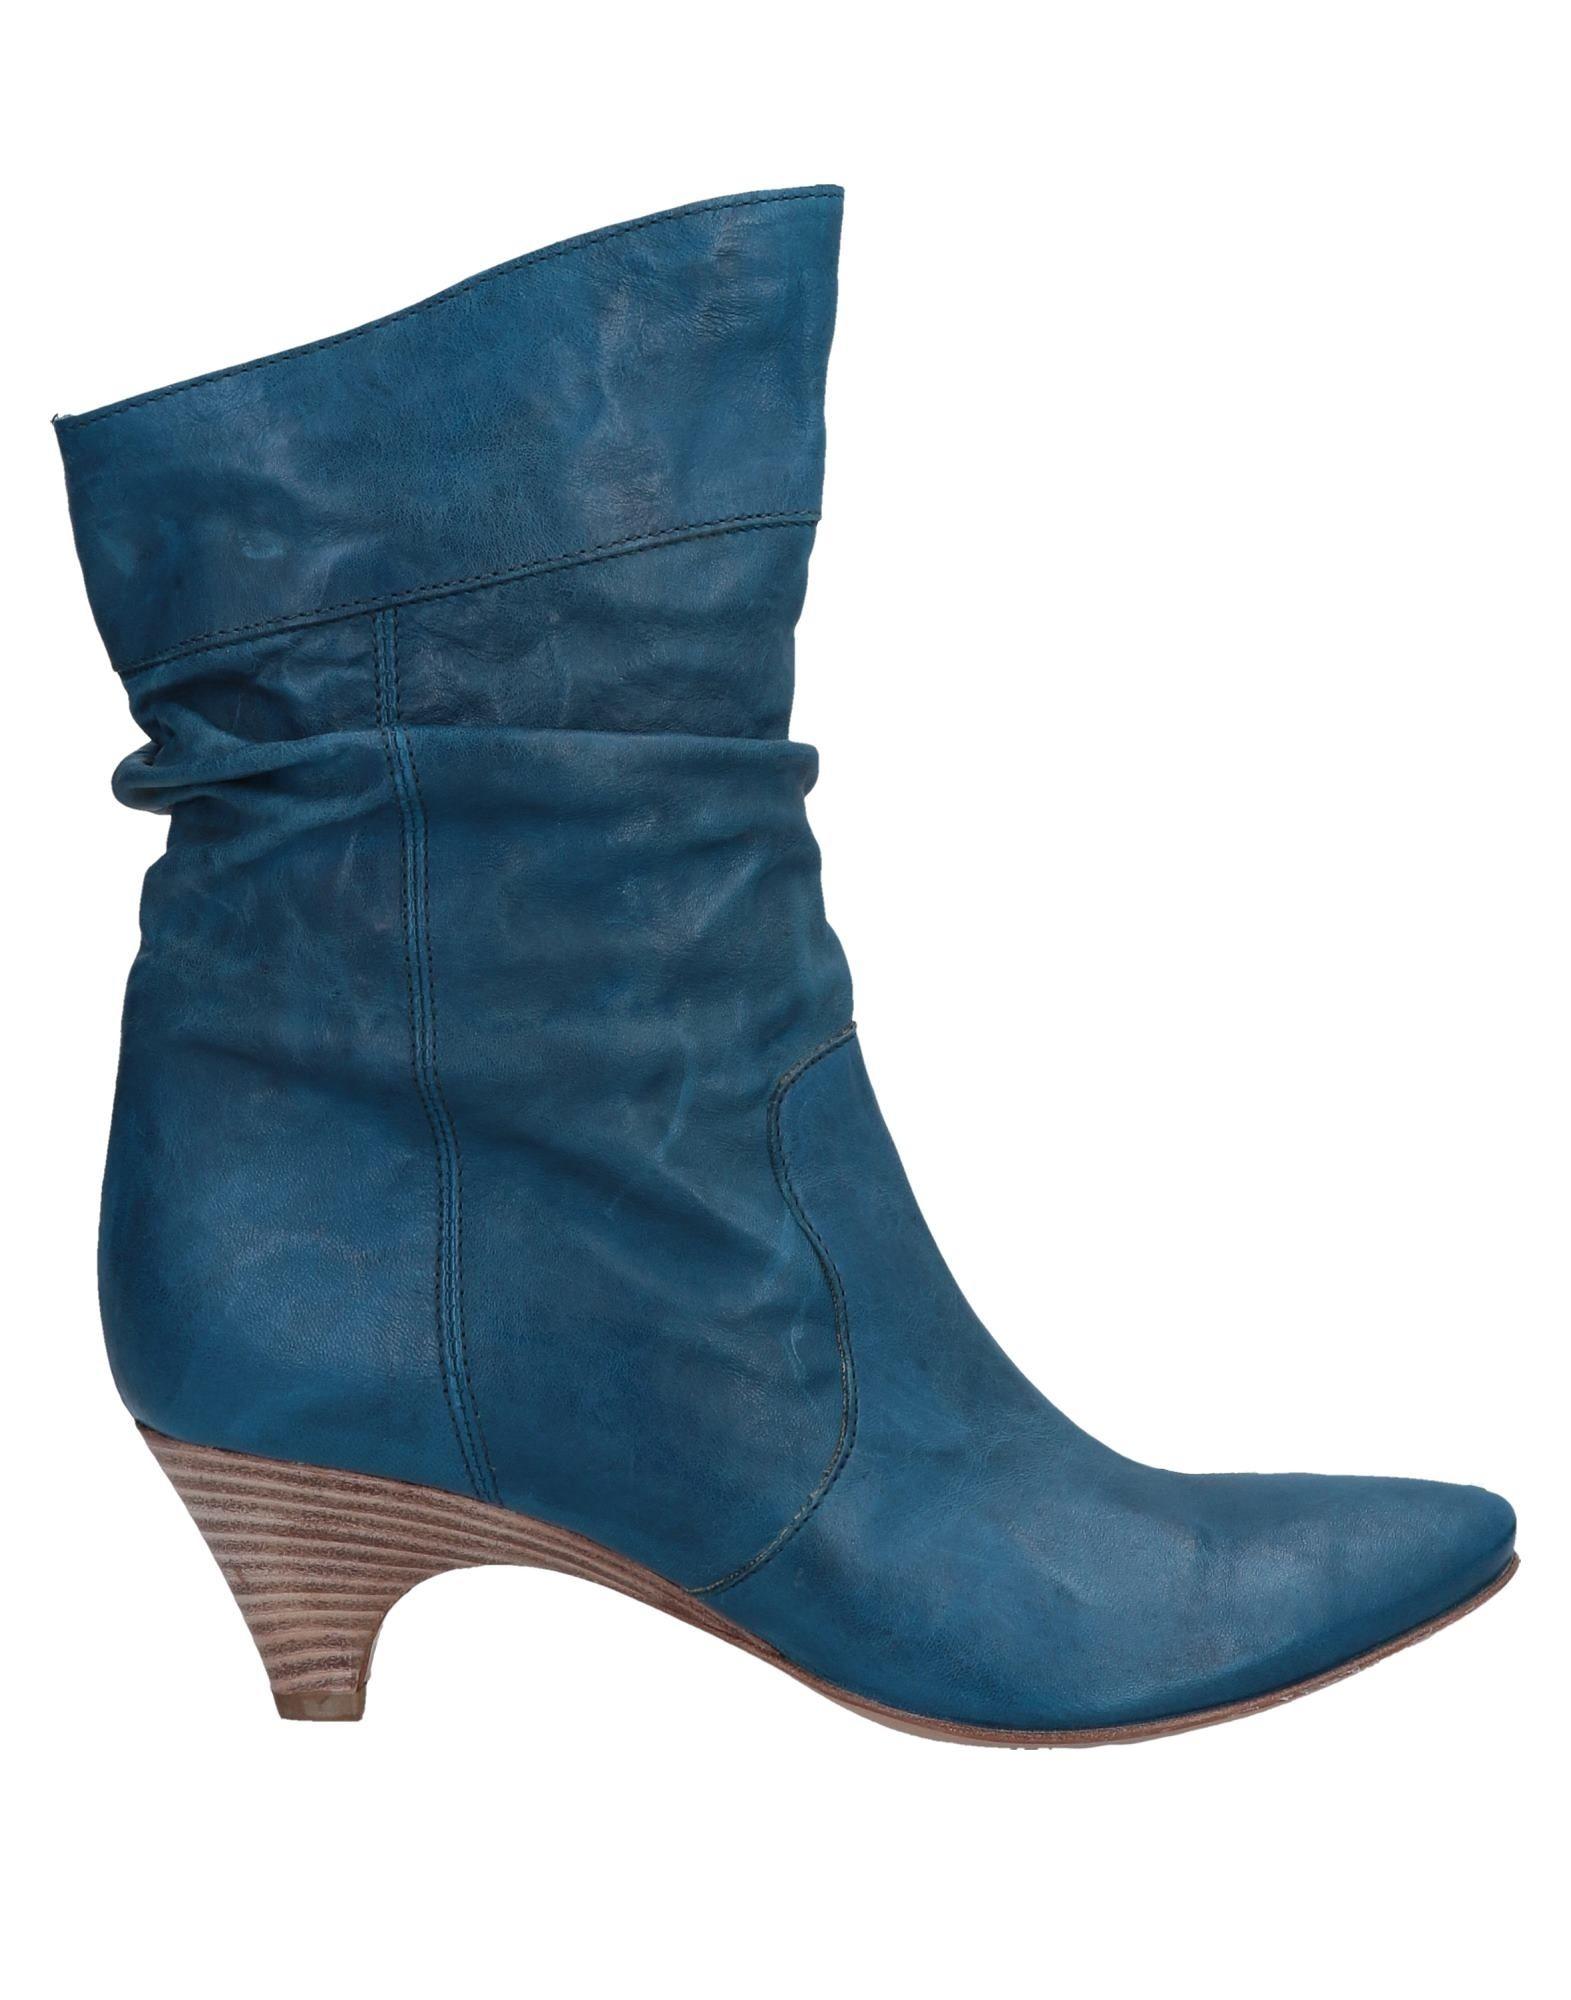 GARRICE Полусапоги и высокие ботинки плейбой бренд осенью открытый скалолазания и пешие прогулки досуга для дыхания и водонепроницаемым мужские ботинки